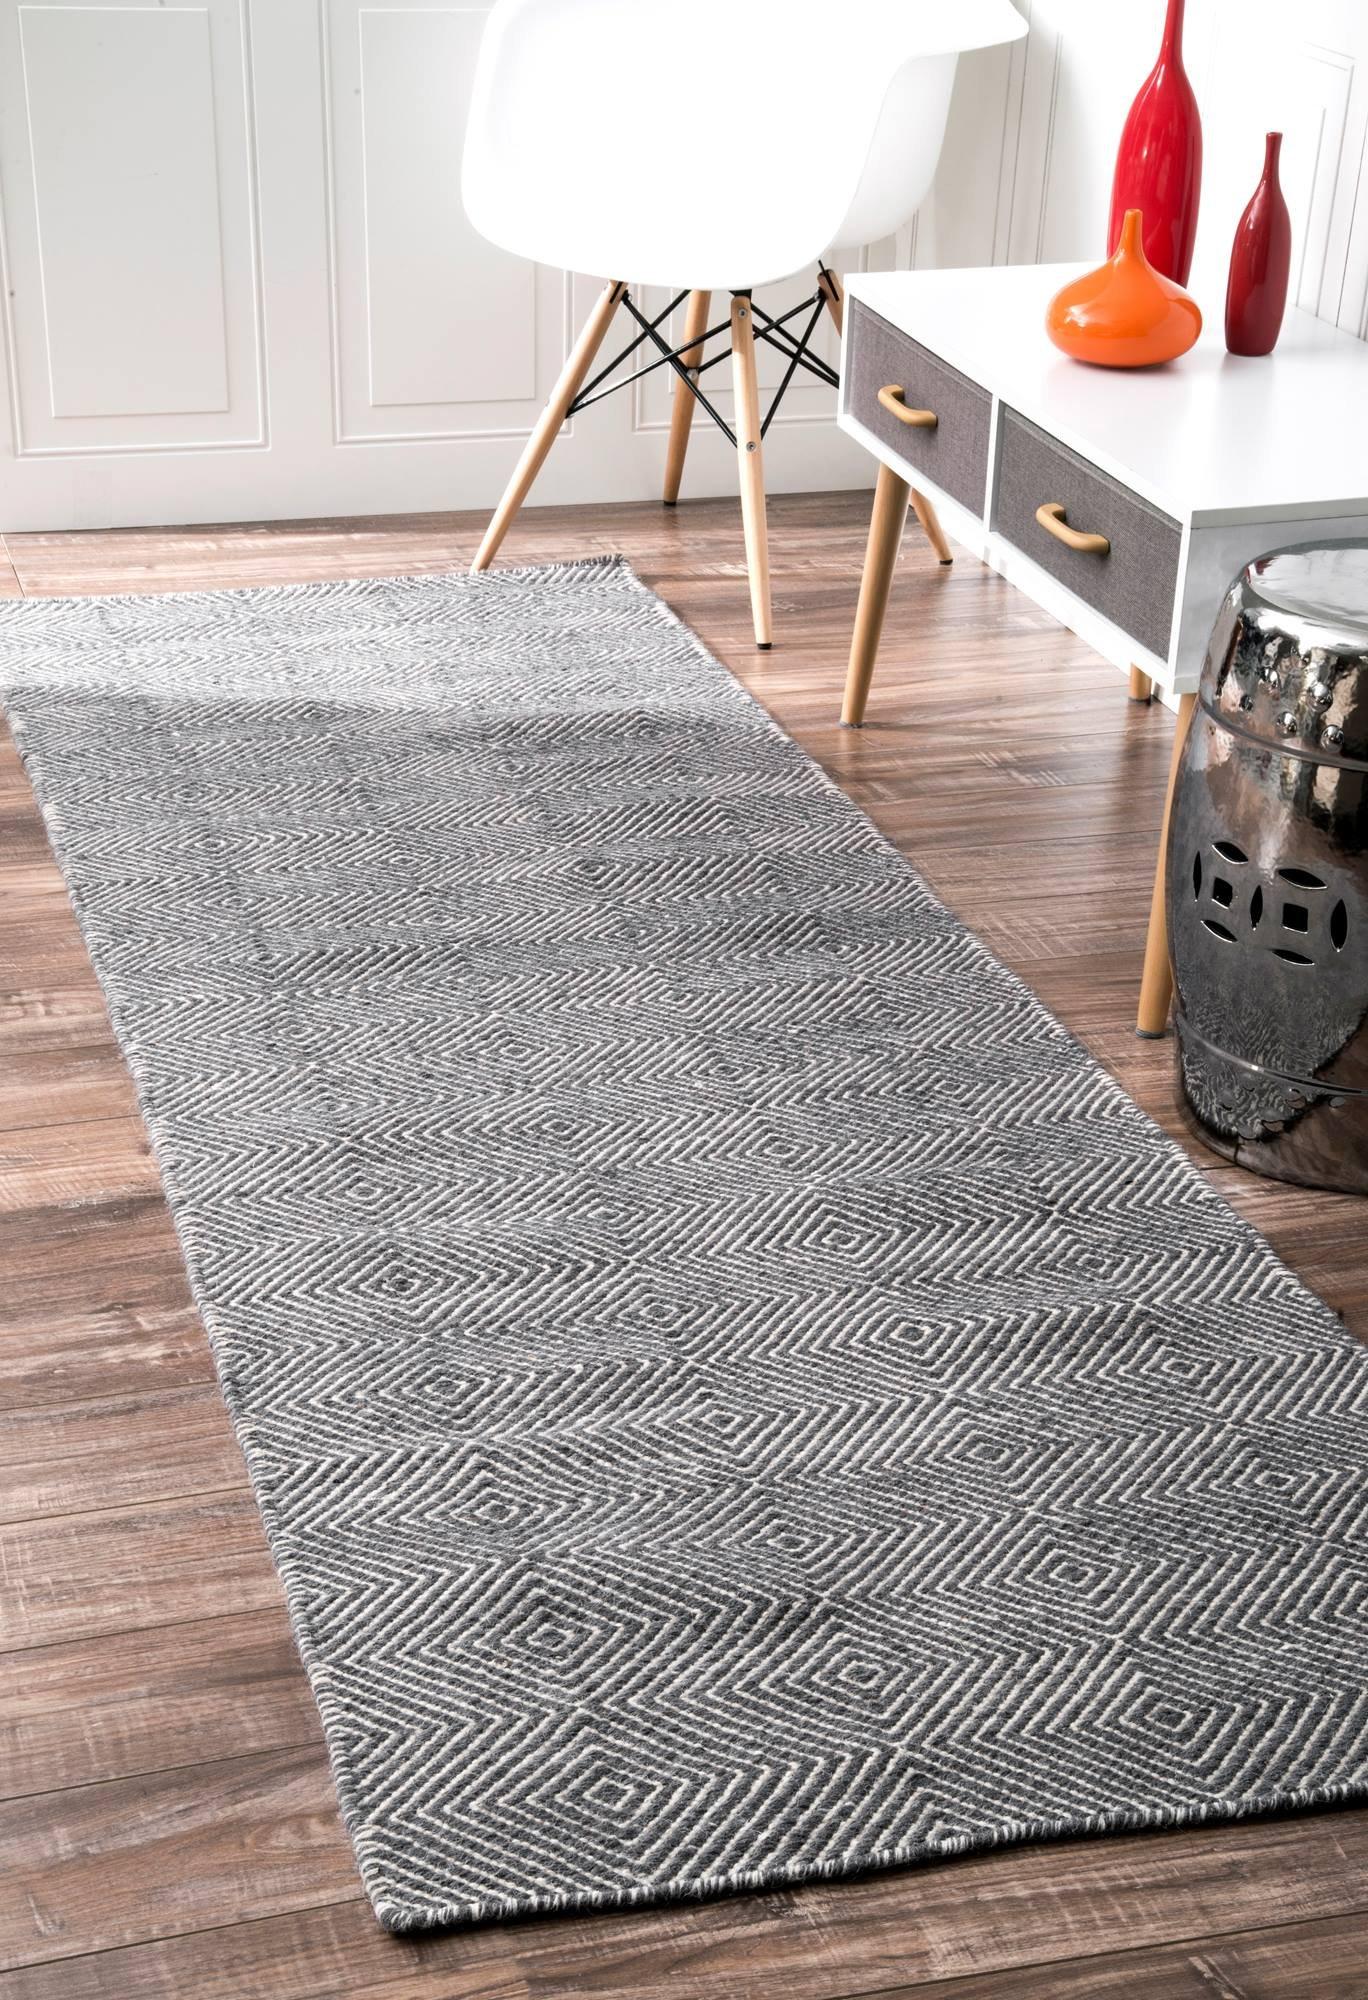 nuLOOM Handmade Fancy Trellis Wool Paddle Runner Area Rugs, 2' 6'' x 8', Grey by nuLOOM (Image #1)